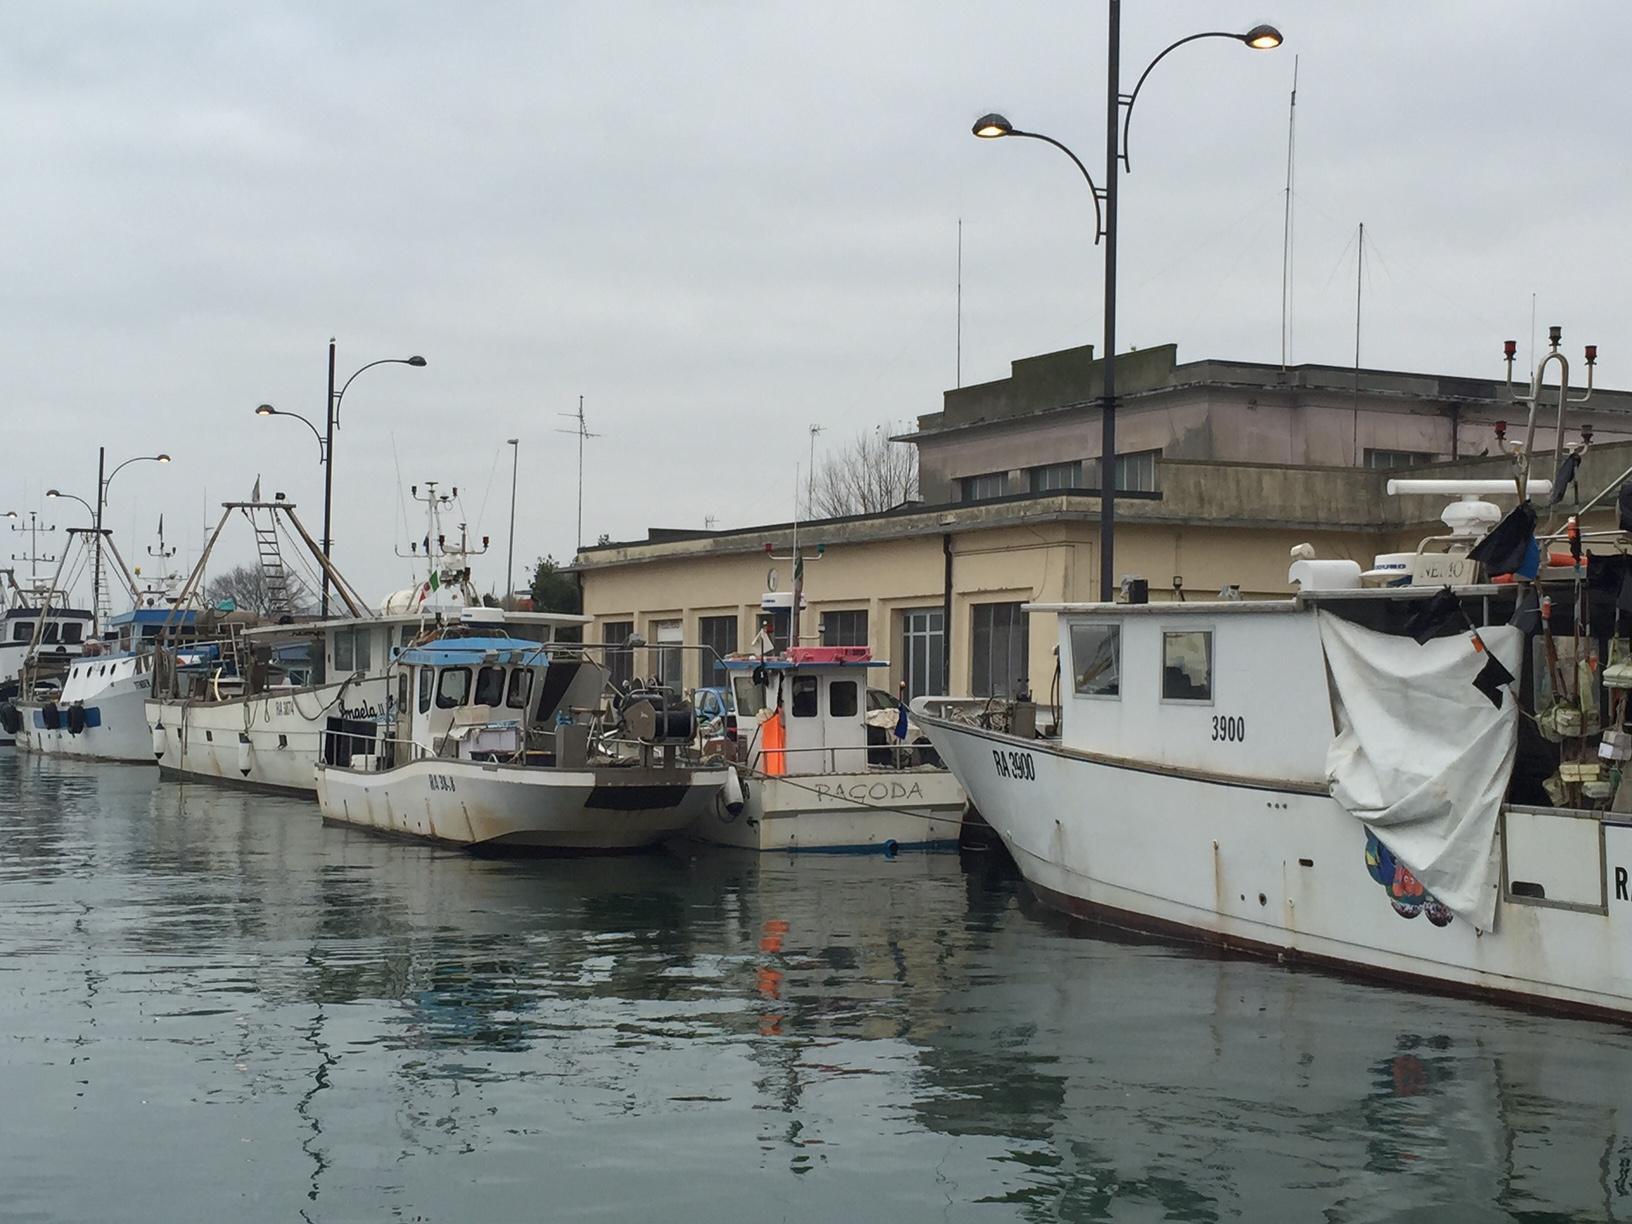 Barche da pesca e mercato del pesce a Marina di Ravenna